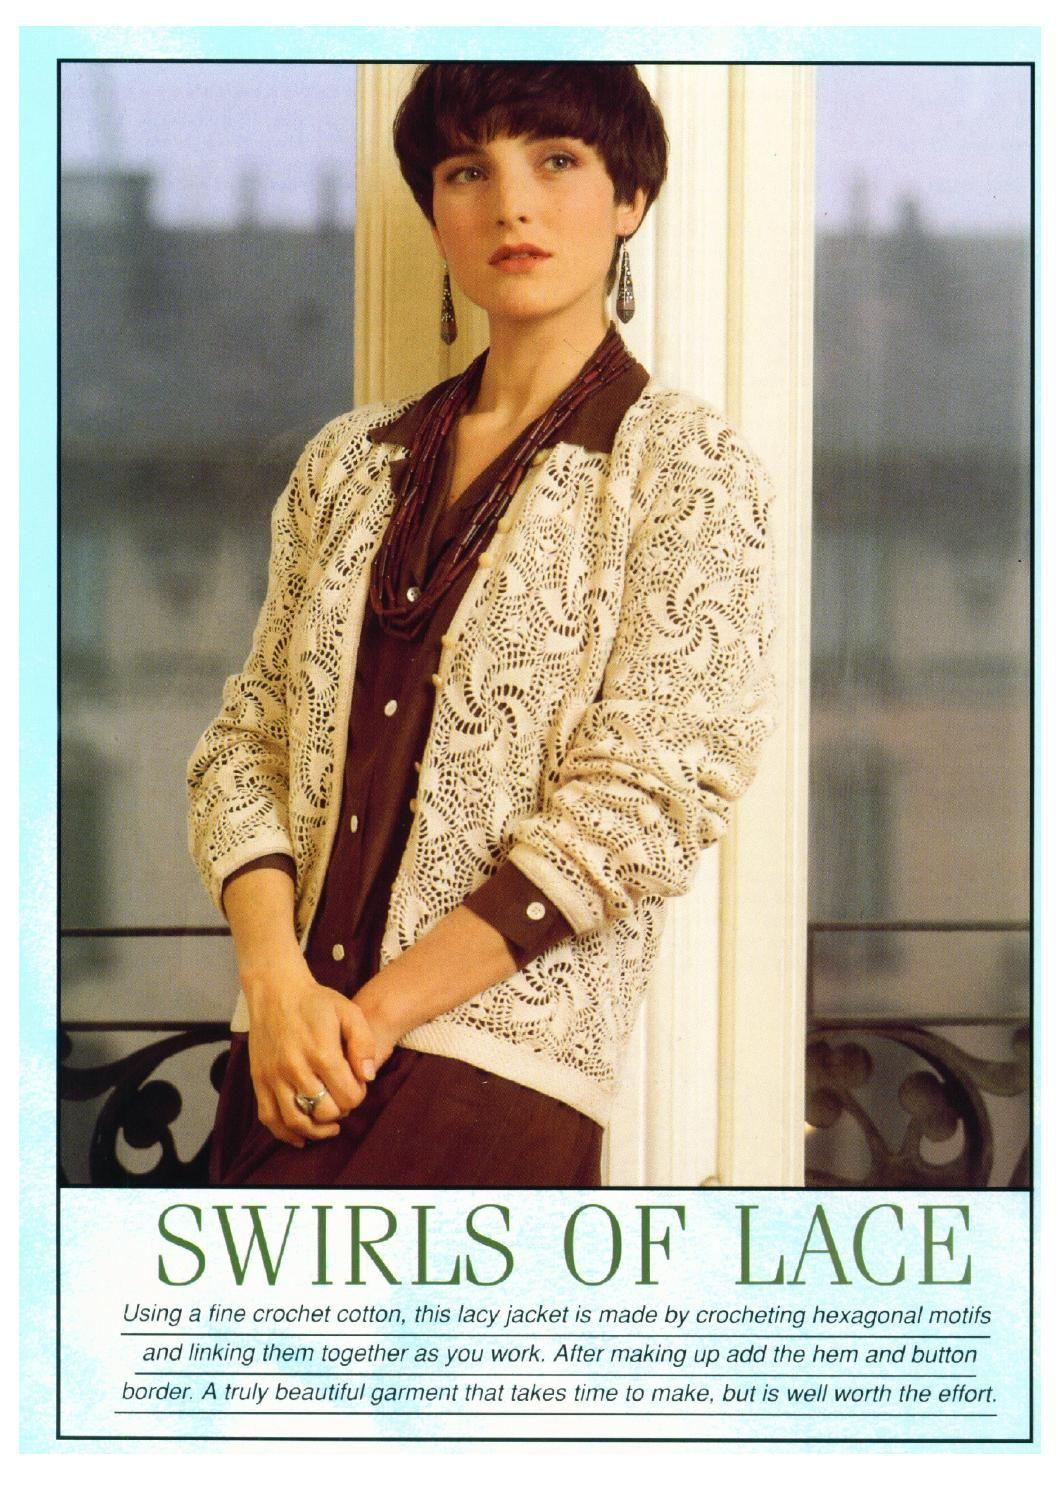 Crochet swirls of lace [jacket]